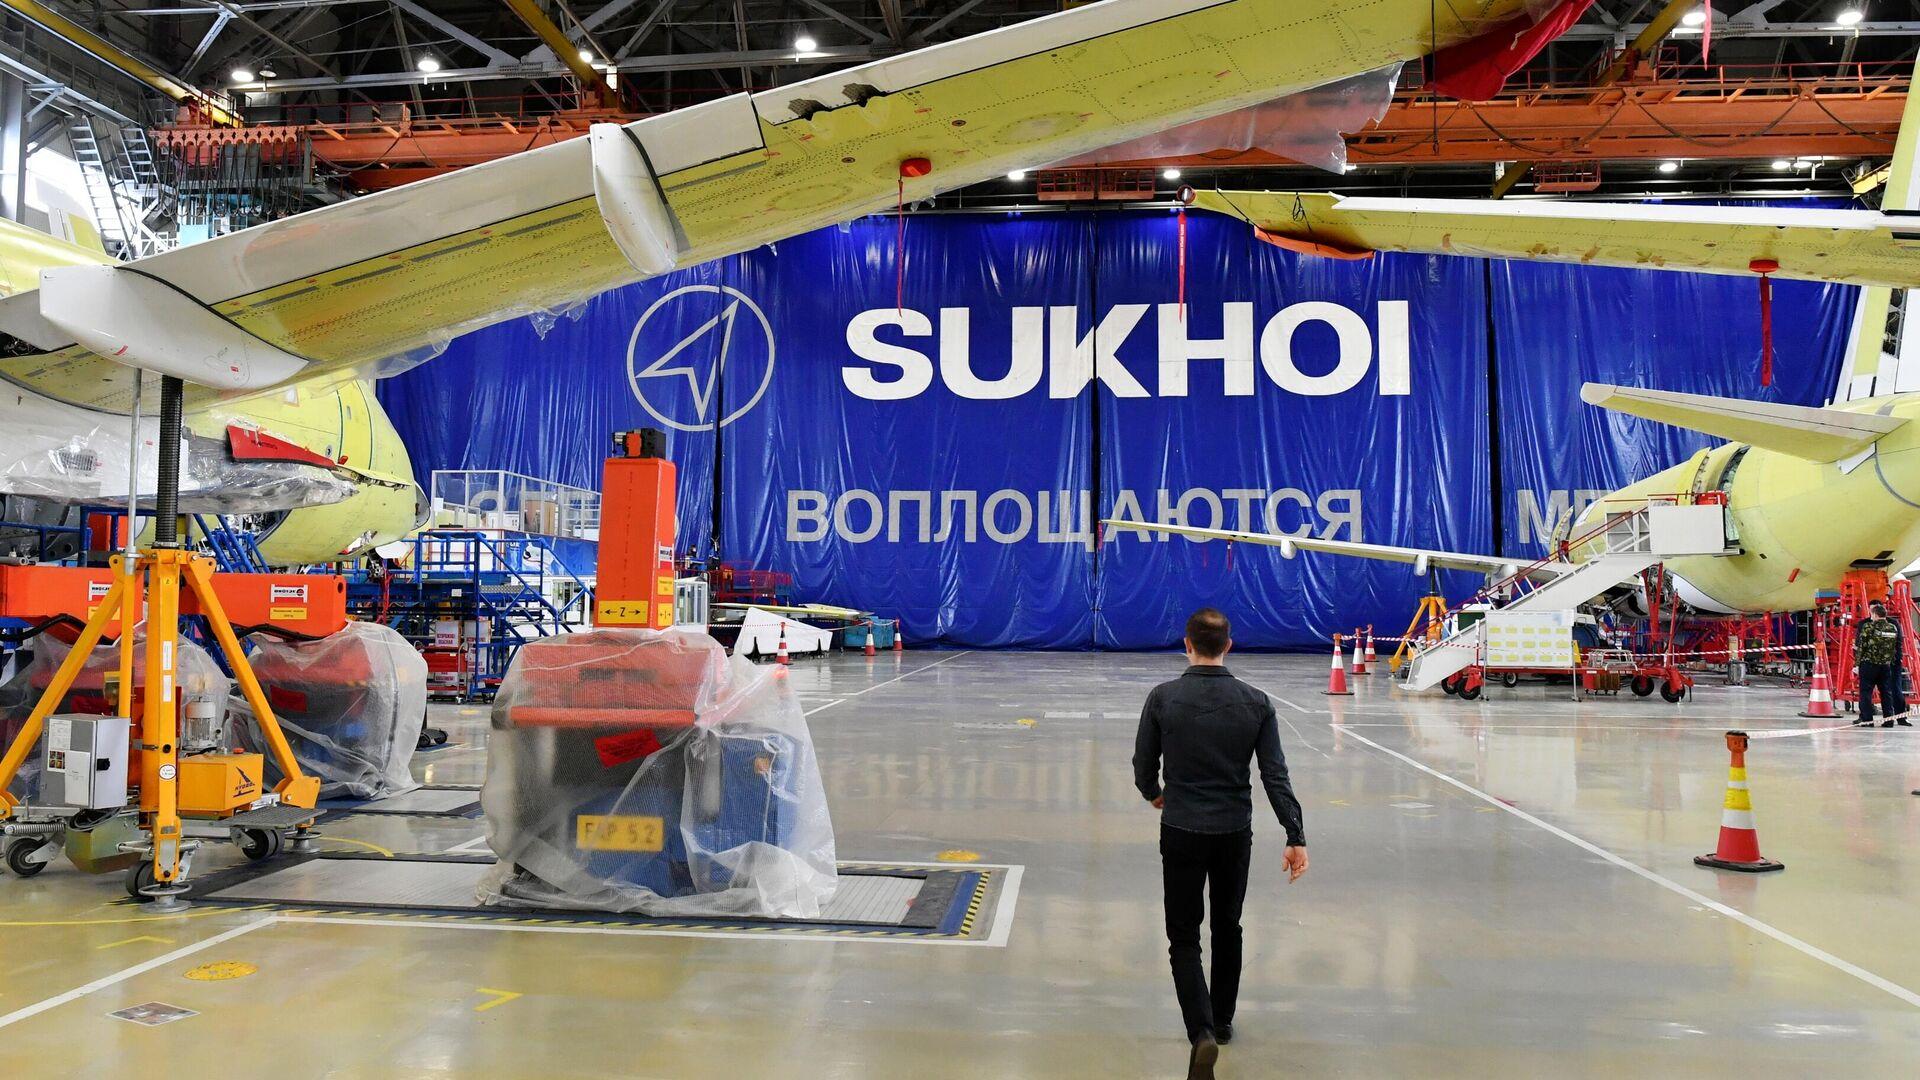 Самолеты Sukhoi Superjet 100 в цехе окончательной сборки  - РИА Новости, 1920, 17.09.2020